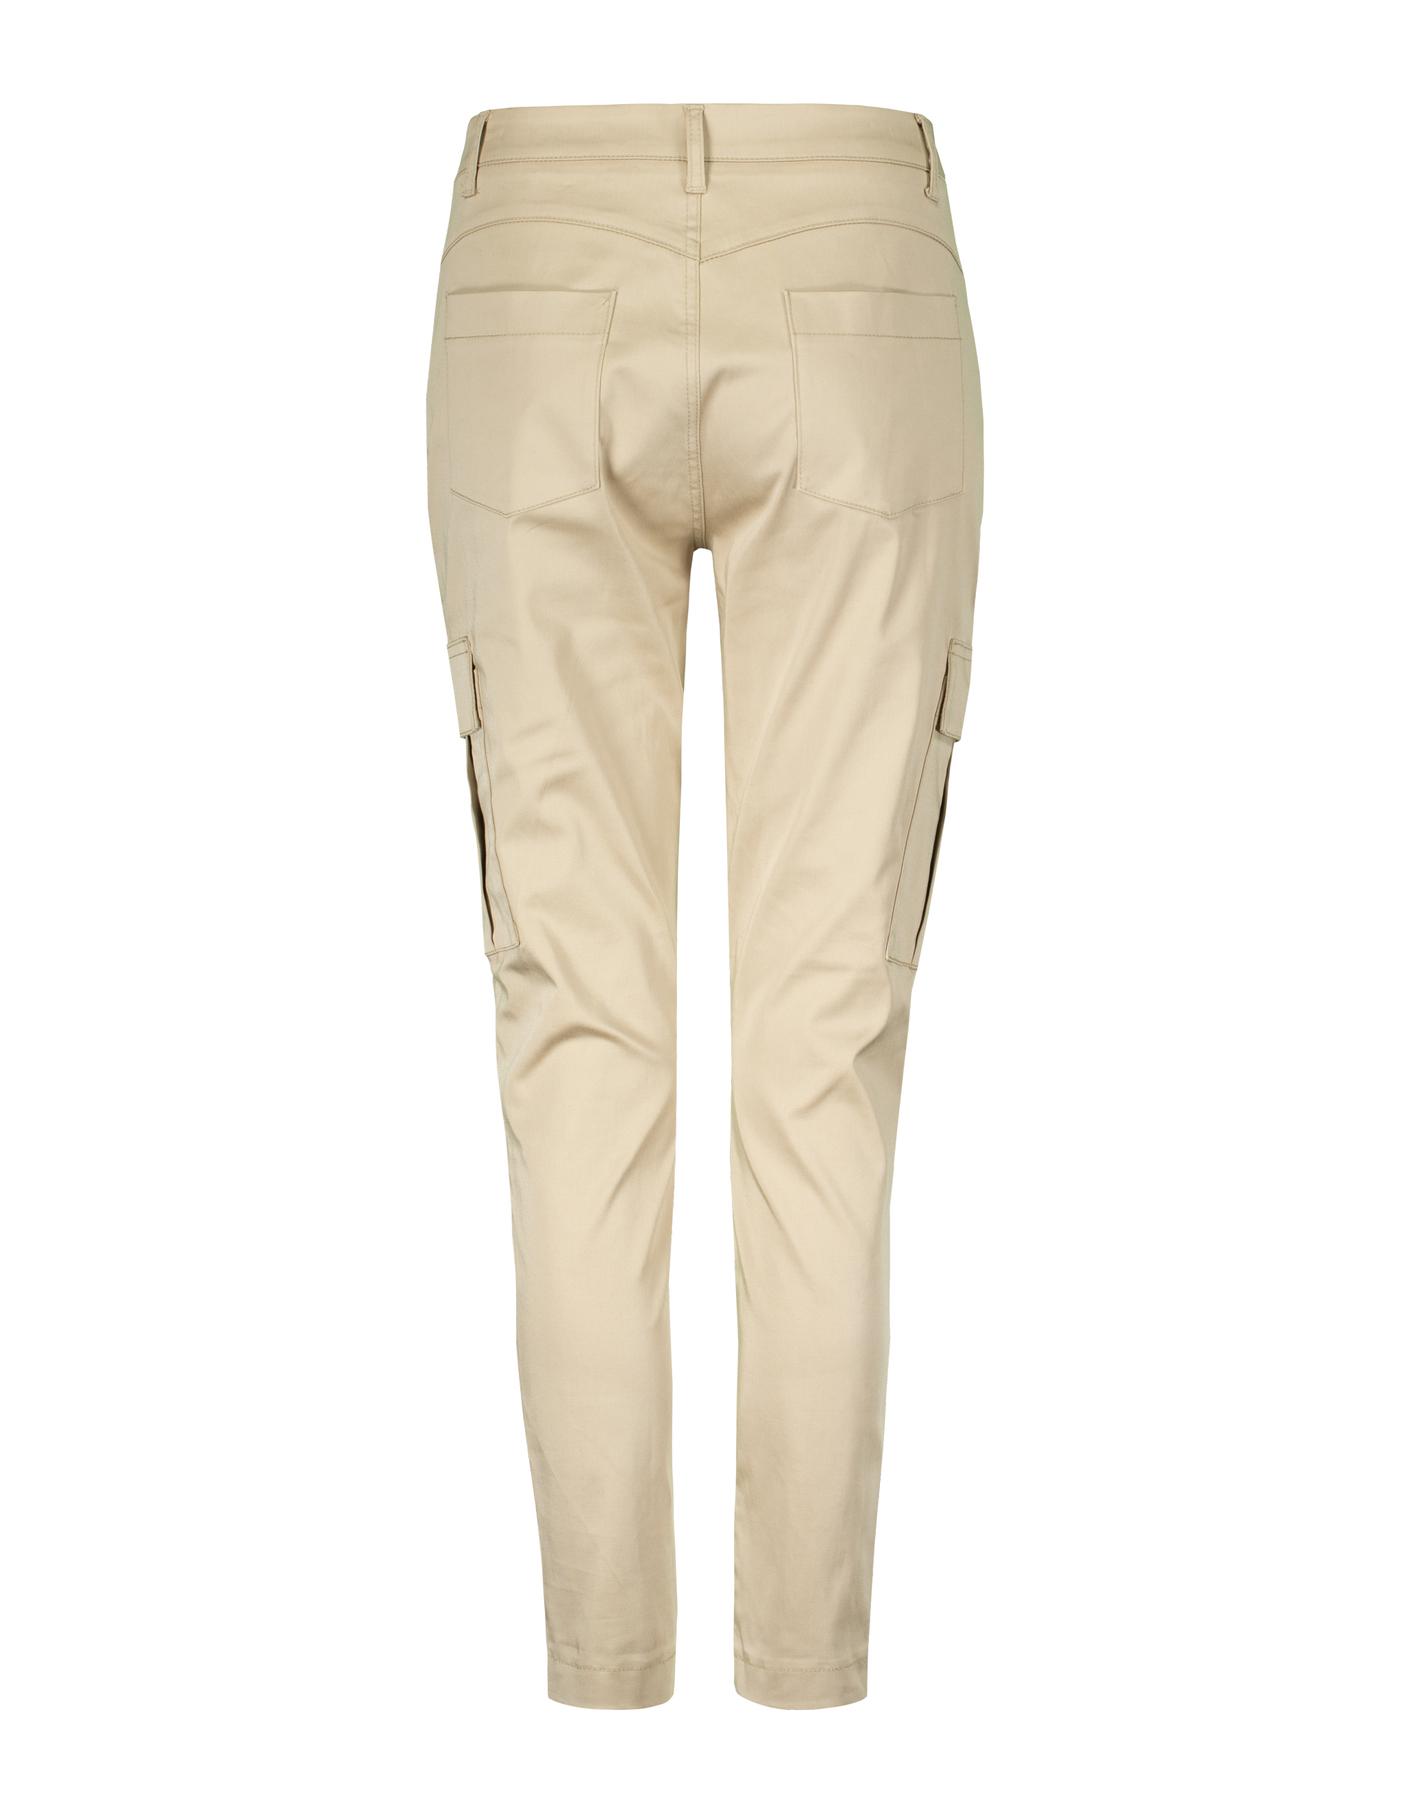 Beige Skinny Cargo Trousers